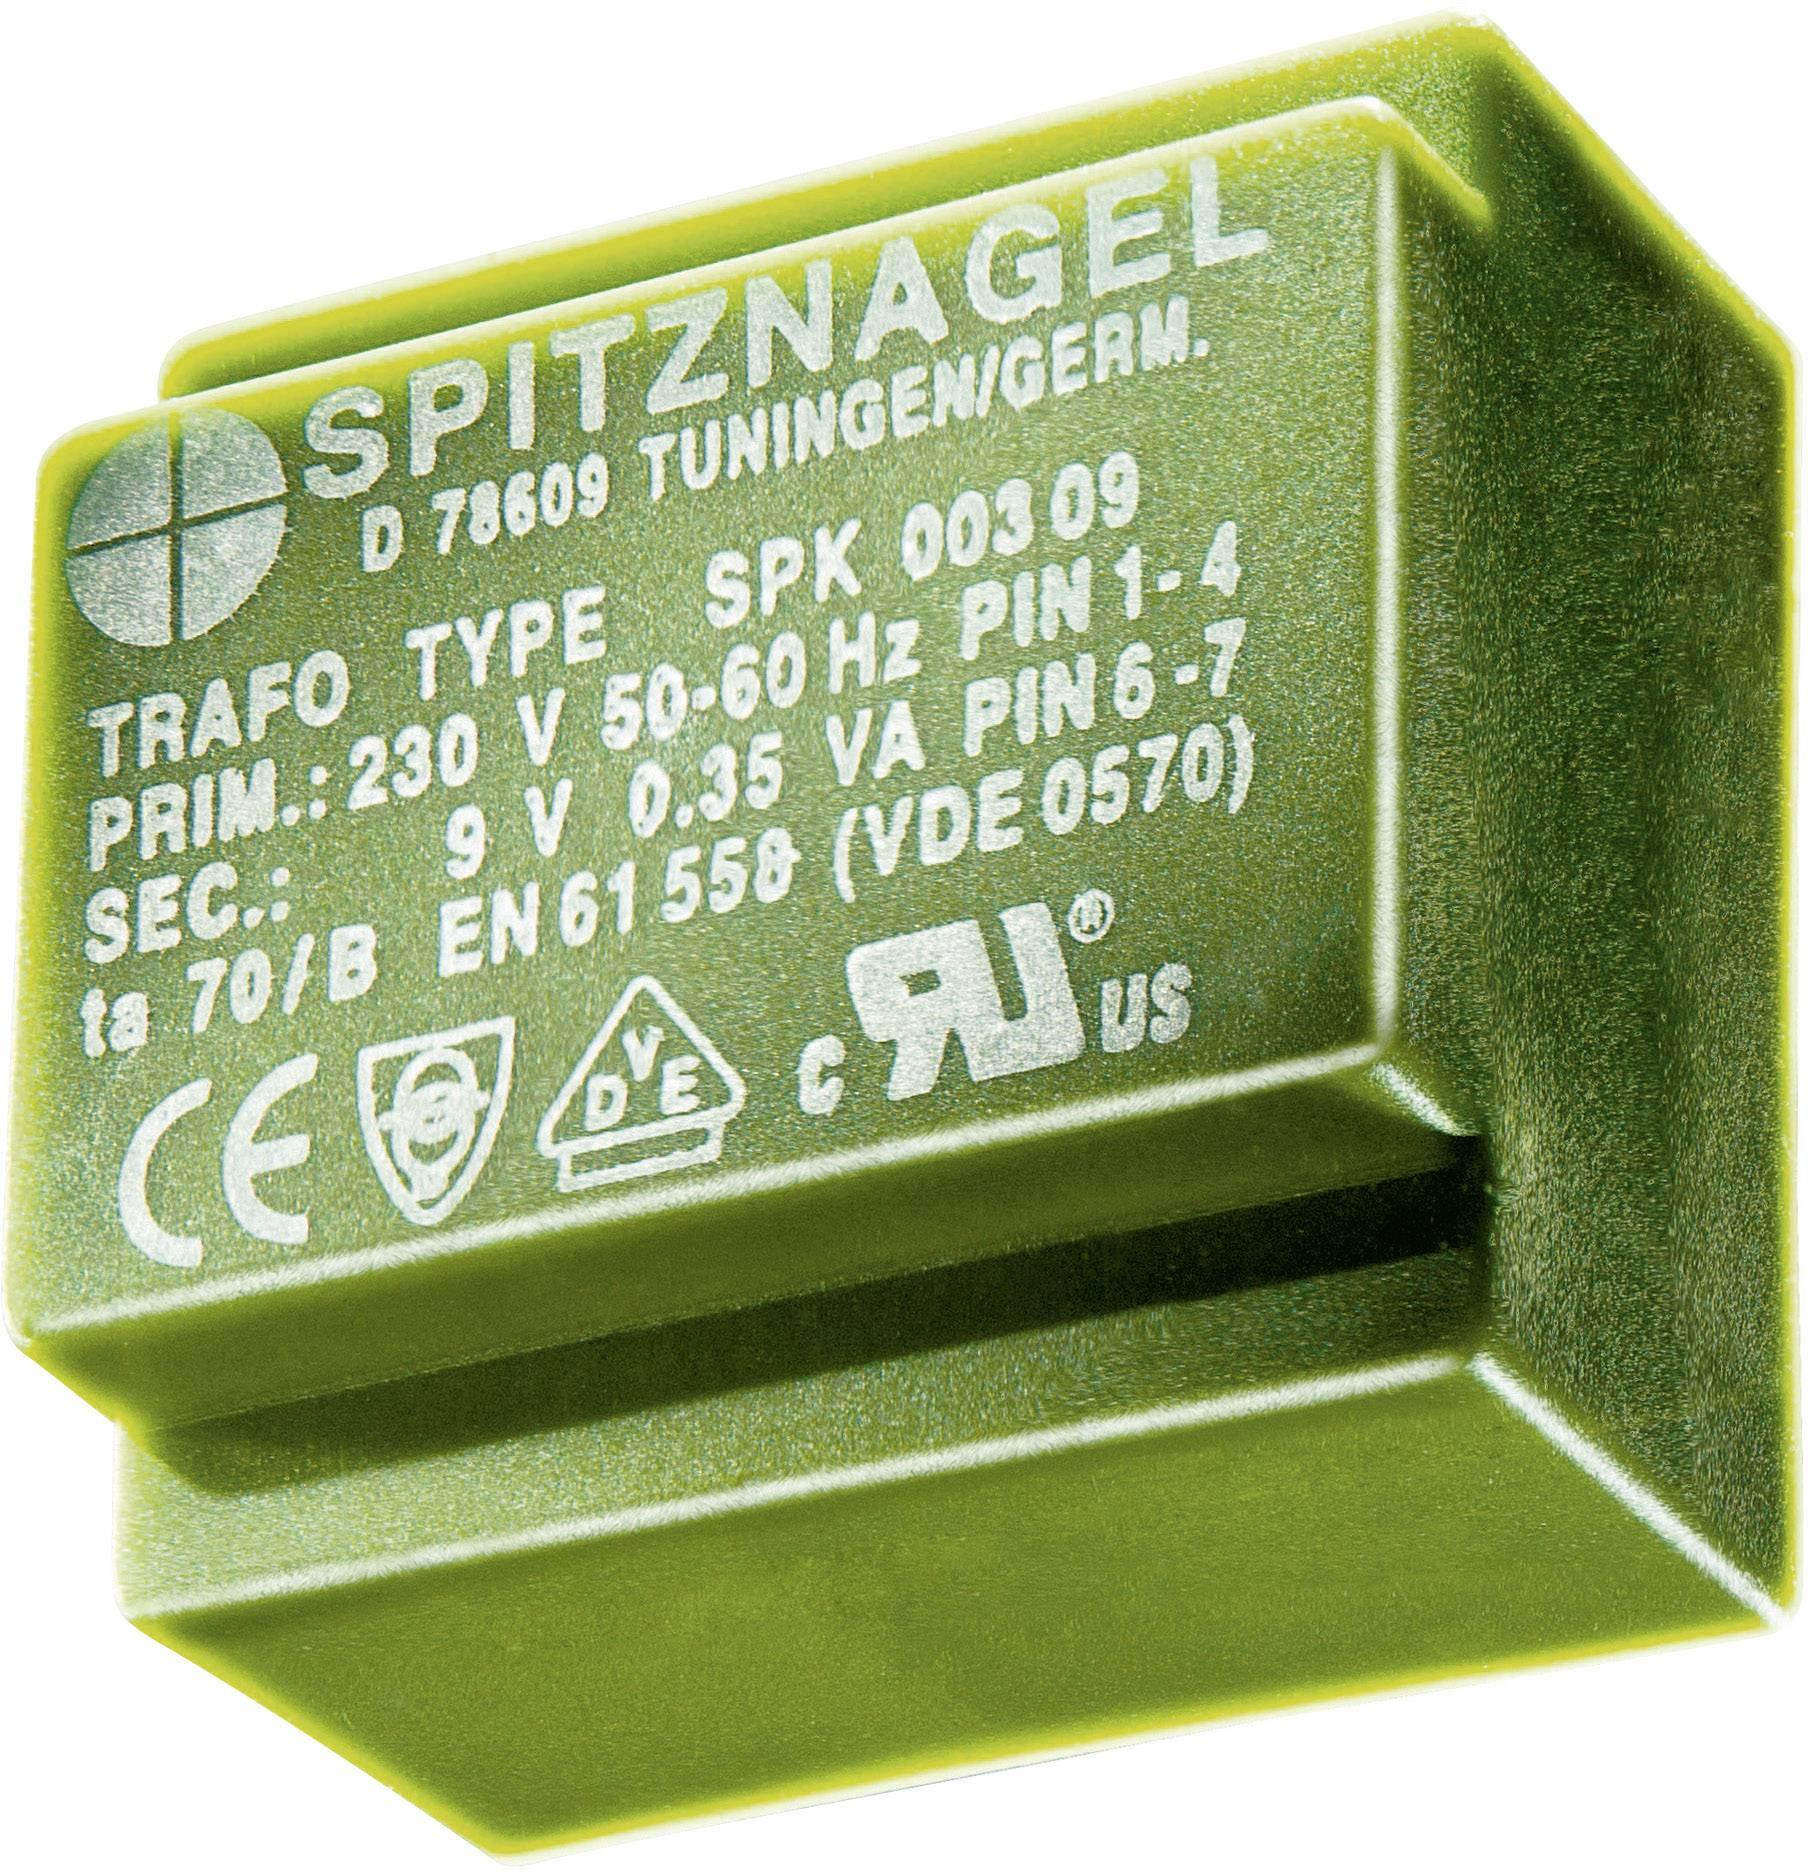 Transformátor do DPS Spitznagel El 30/15,5, 230 V/9 V, 244 mA, 2,2 VA